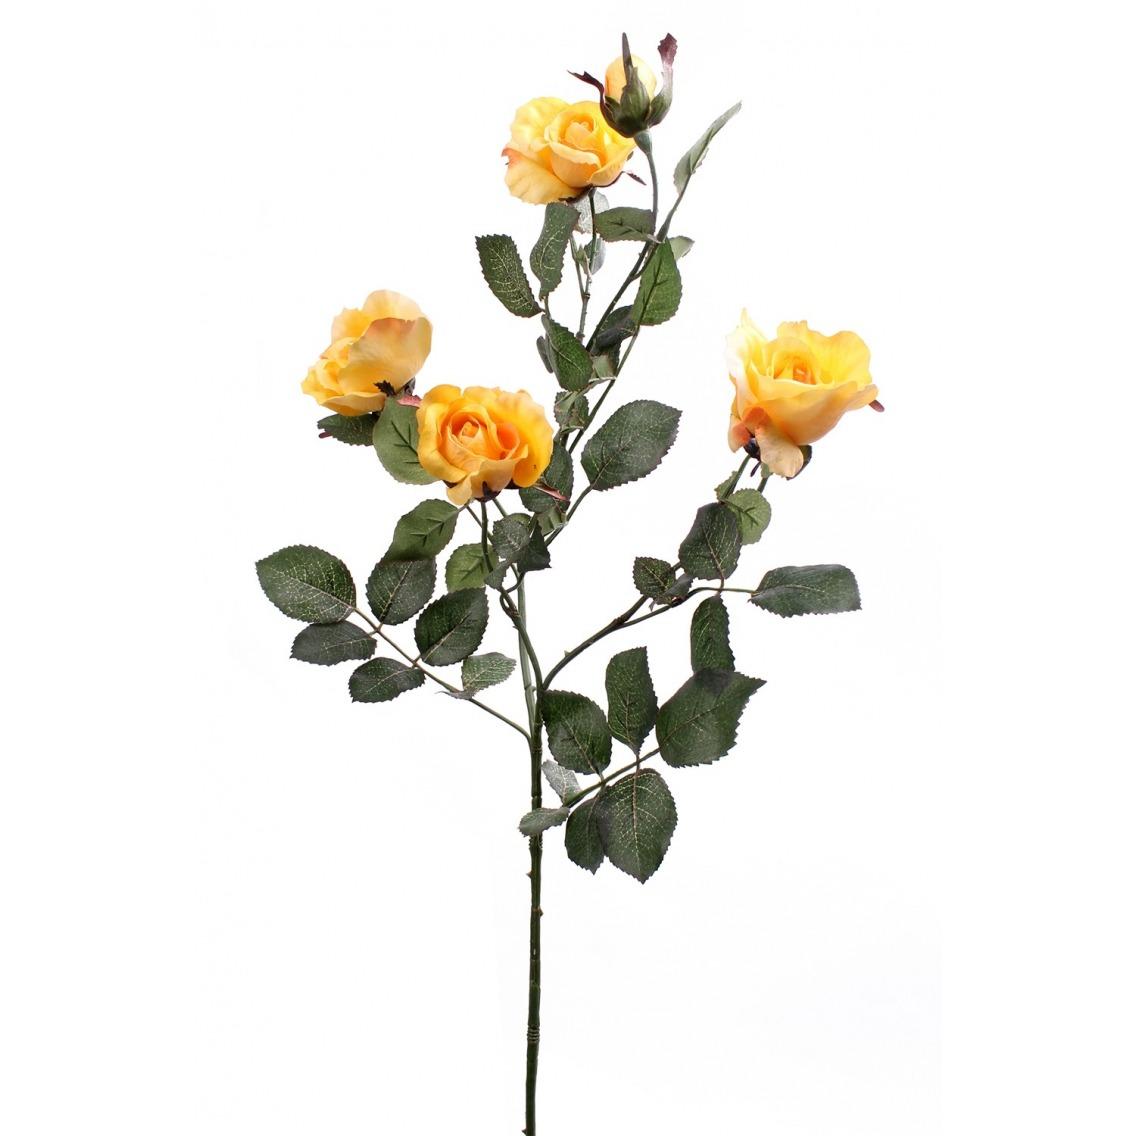 Rameau de roses jaunes artificielles